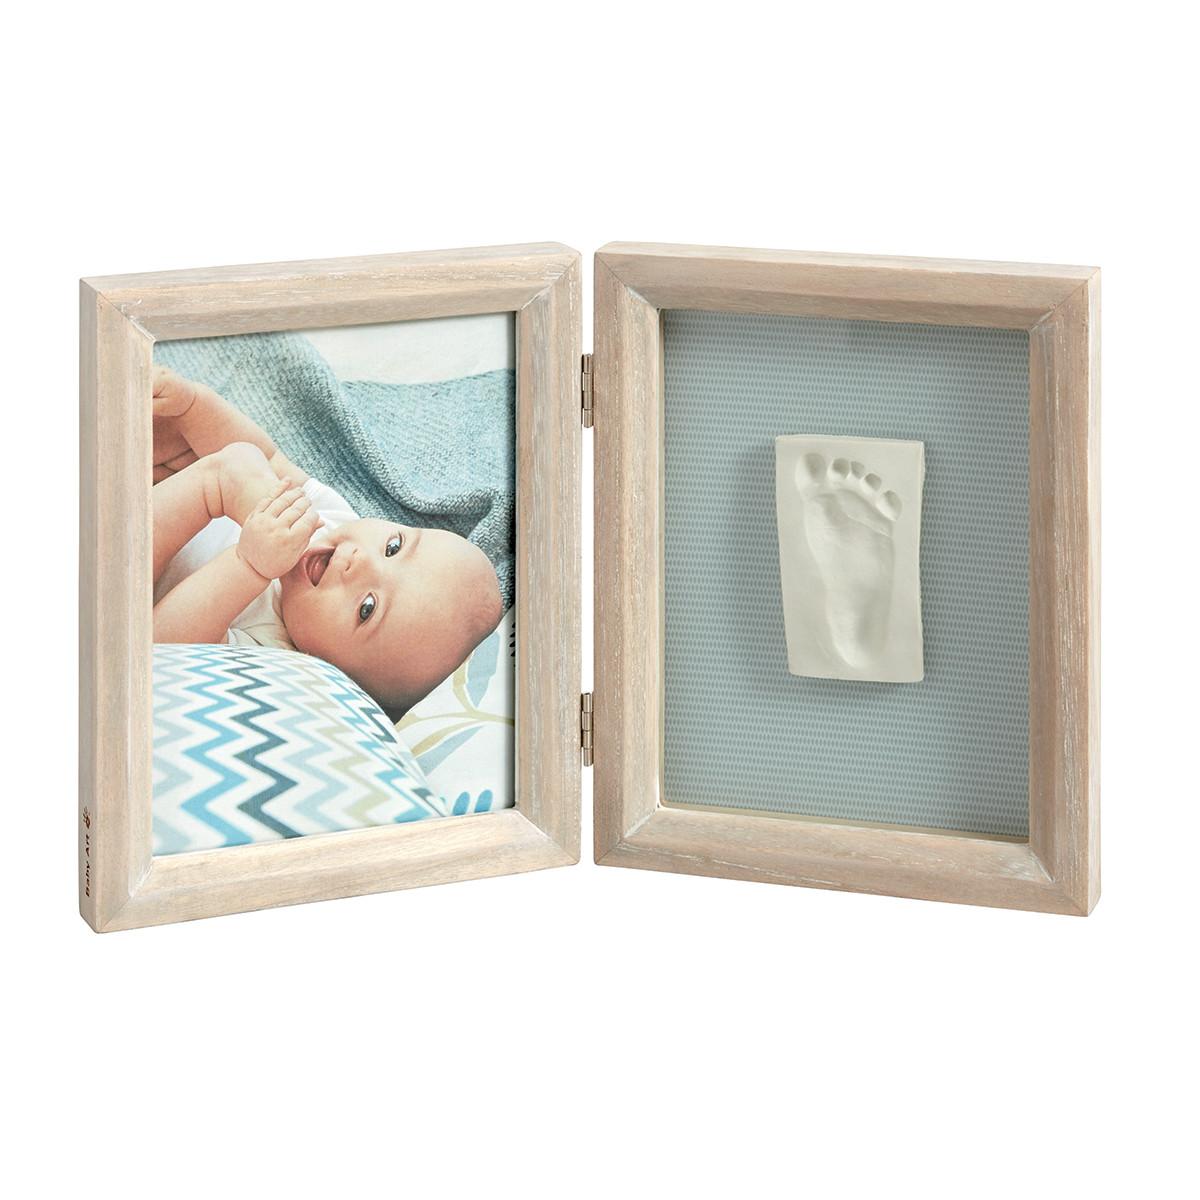 Κορνίζα Αποτύπωμα 2 Θέσεων Baby Art My Baby Touch Stormy BR71071 home   βρεφικά   βρεφική διακόσμηση